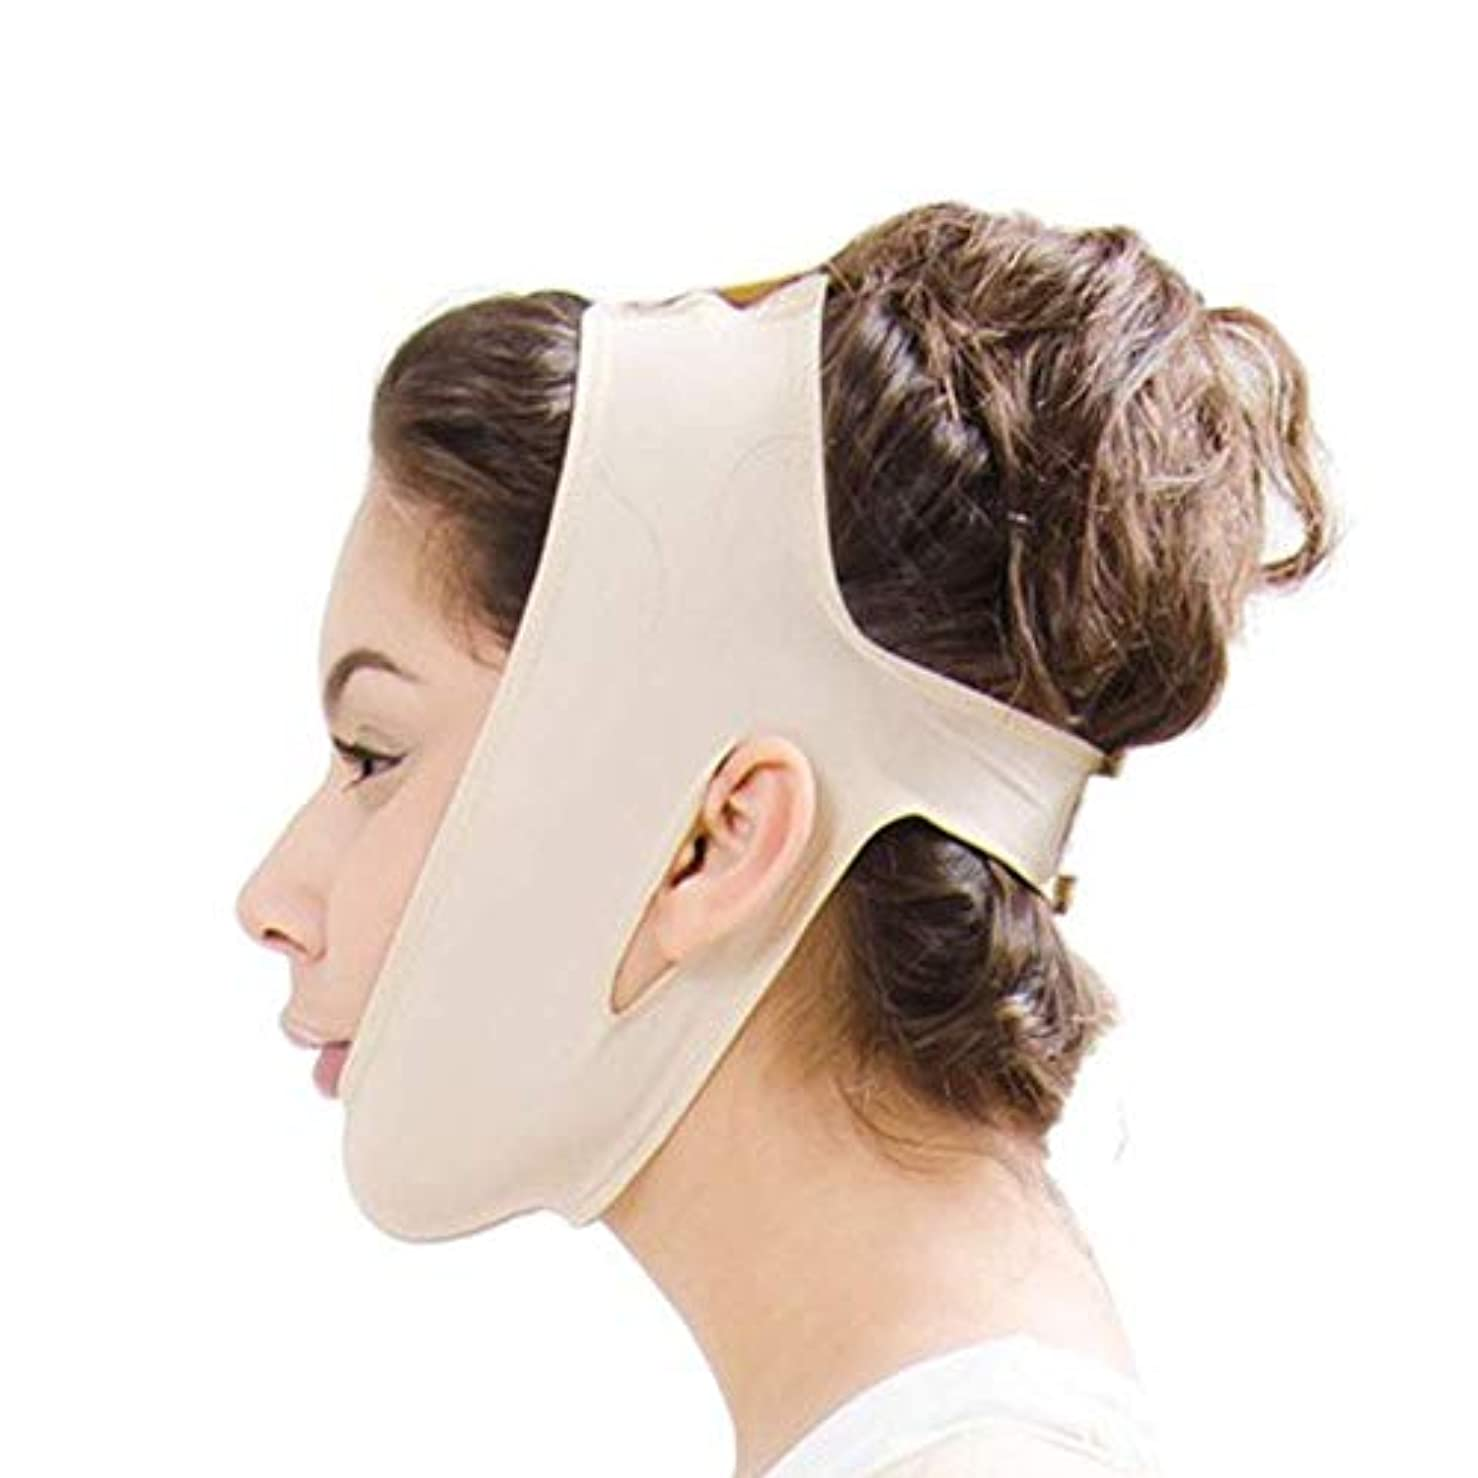 さわやか福祉フライトフェイスリフティングマスク、フェイスダブルチンコンプレッションシンスモールVフェイスバンデージヘッドギアリフティングファーミングスキン(サイズ:Xl)